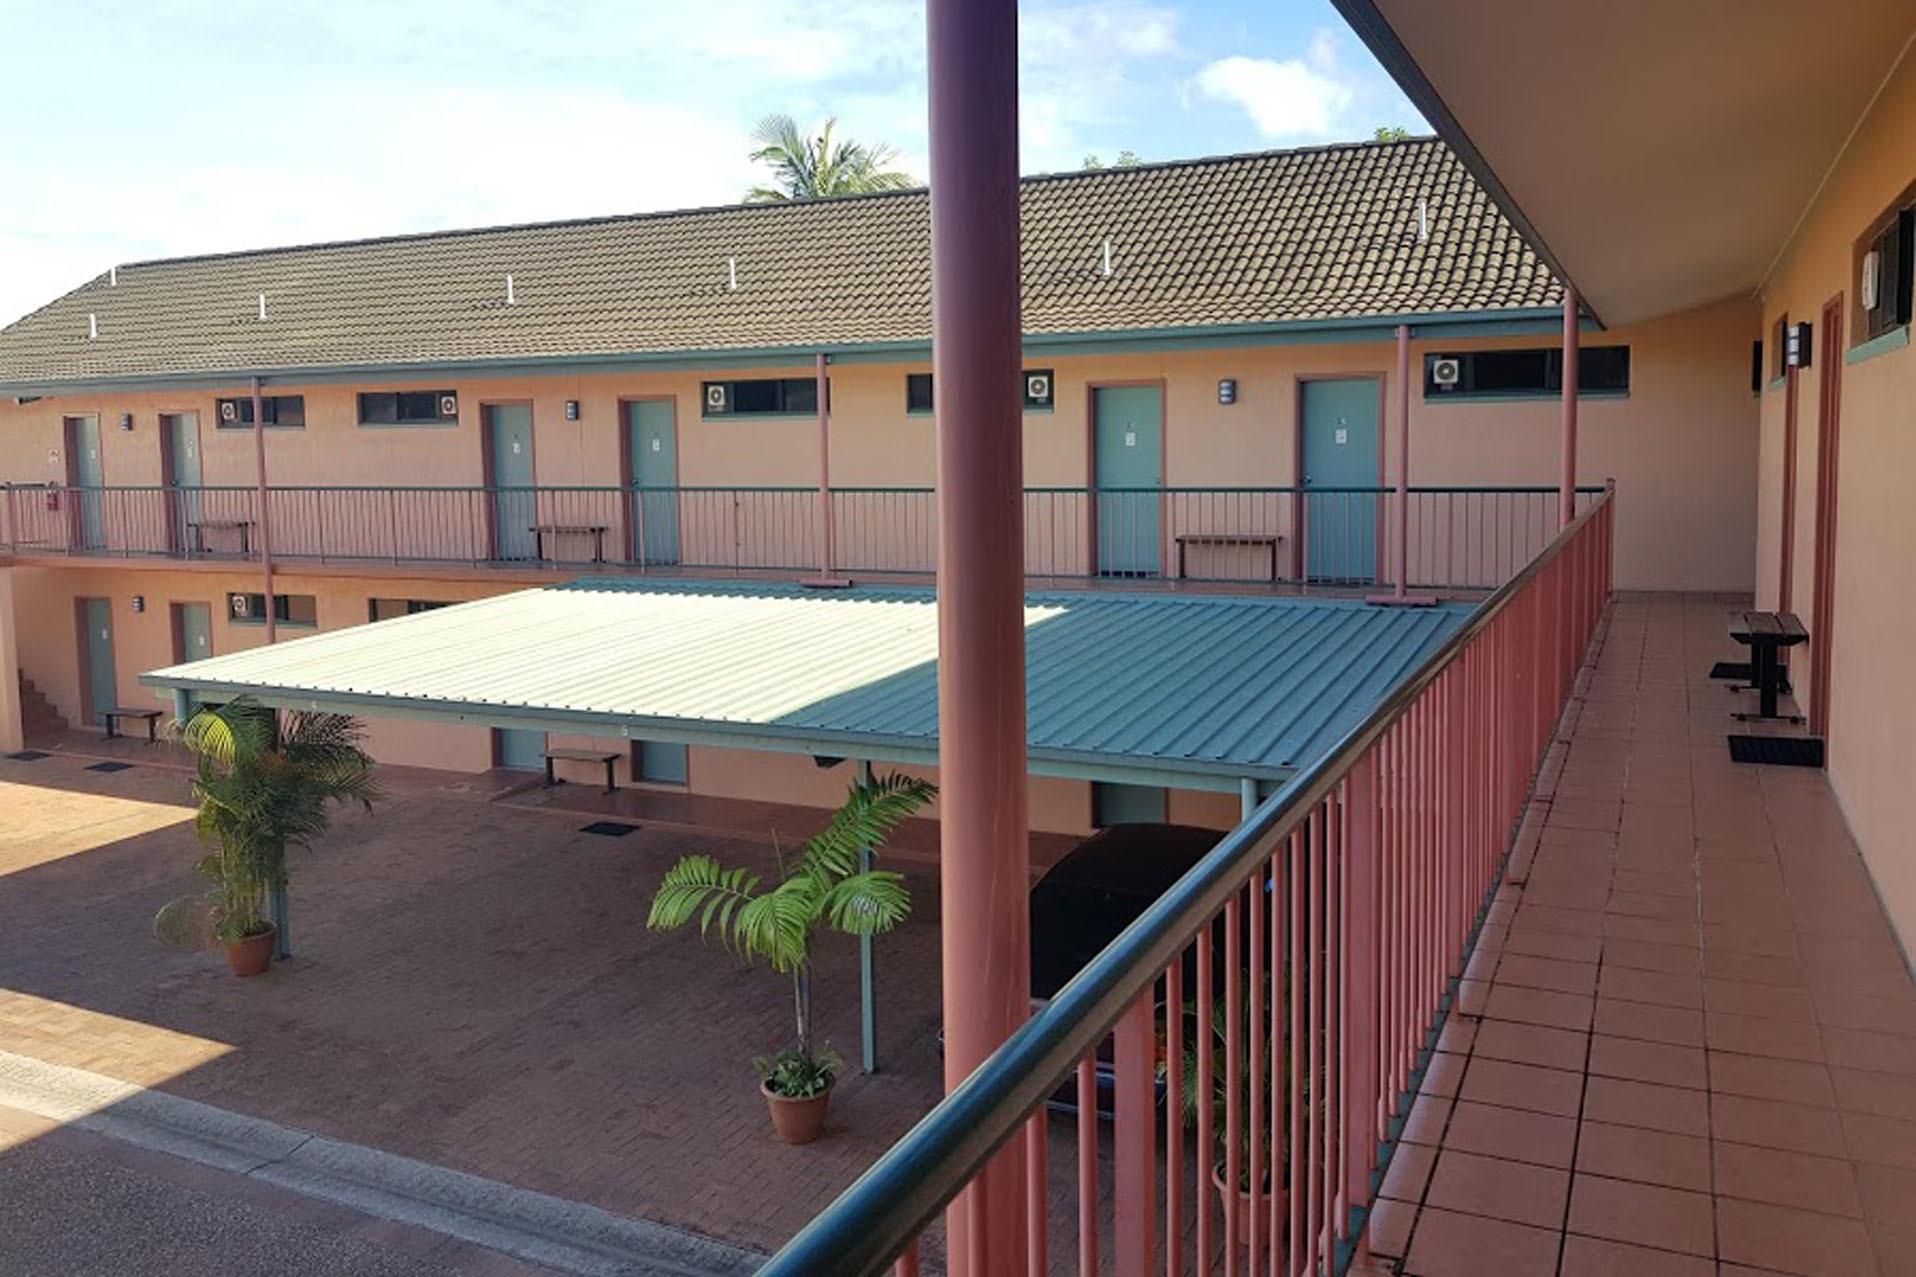 j - Cannon Park Motel